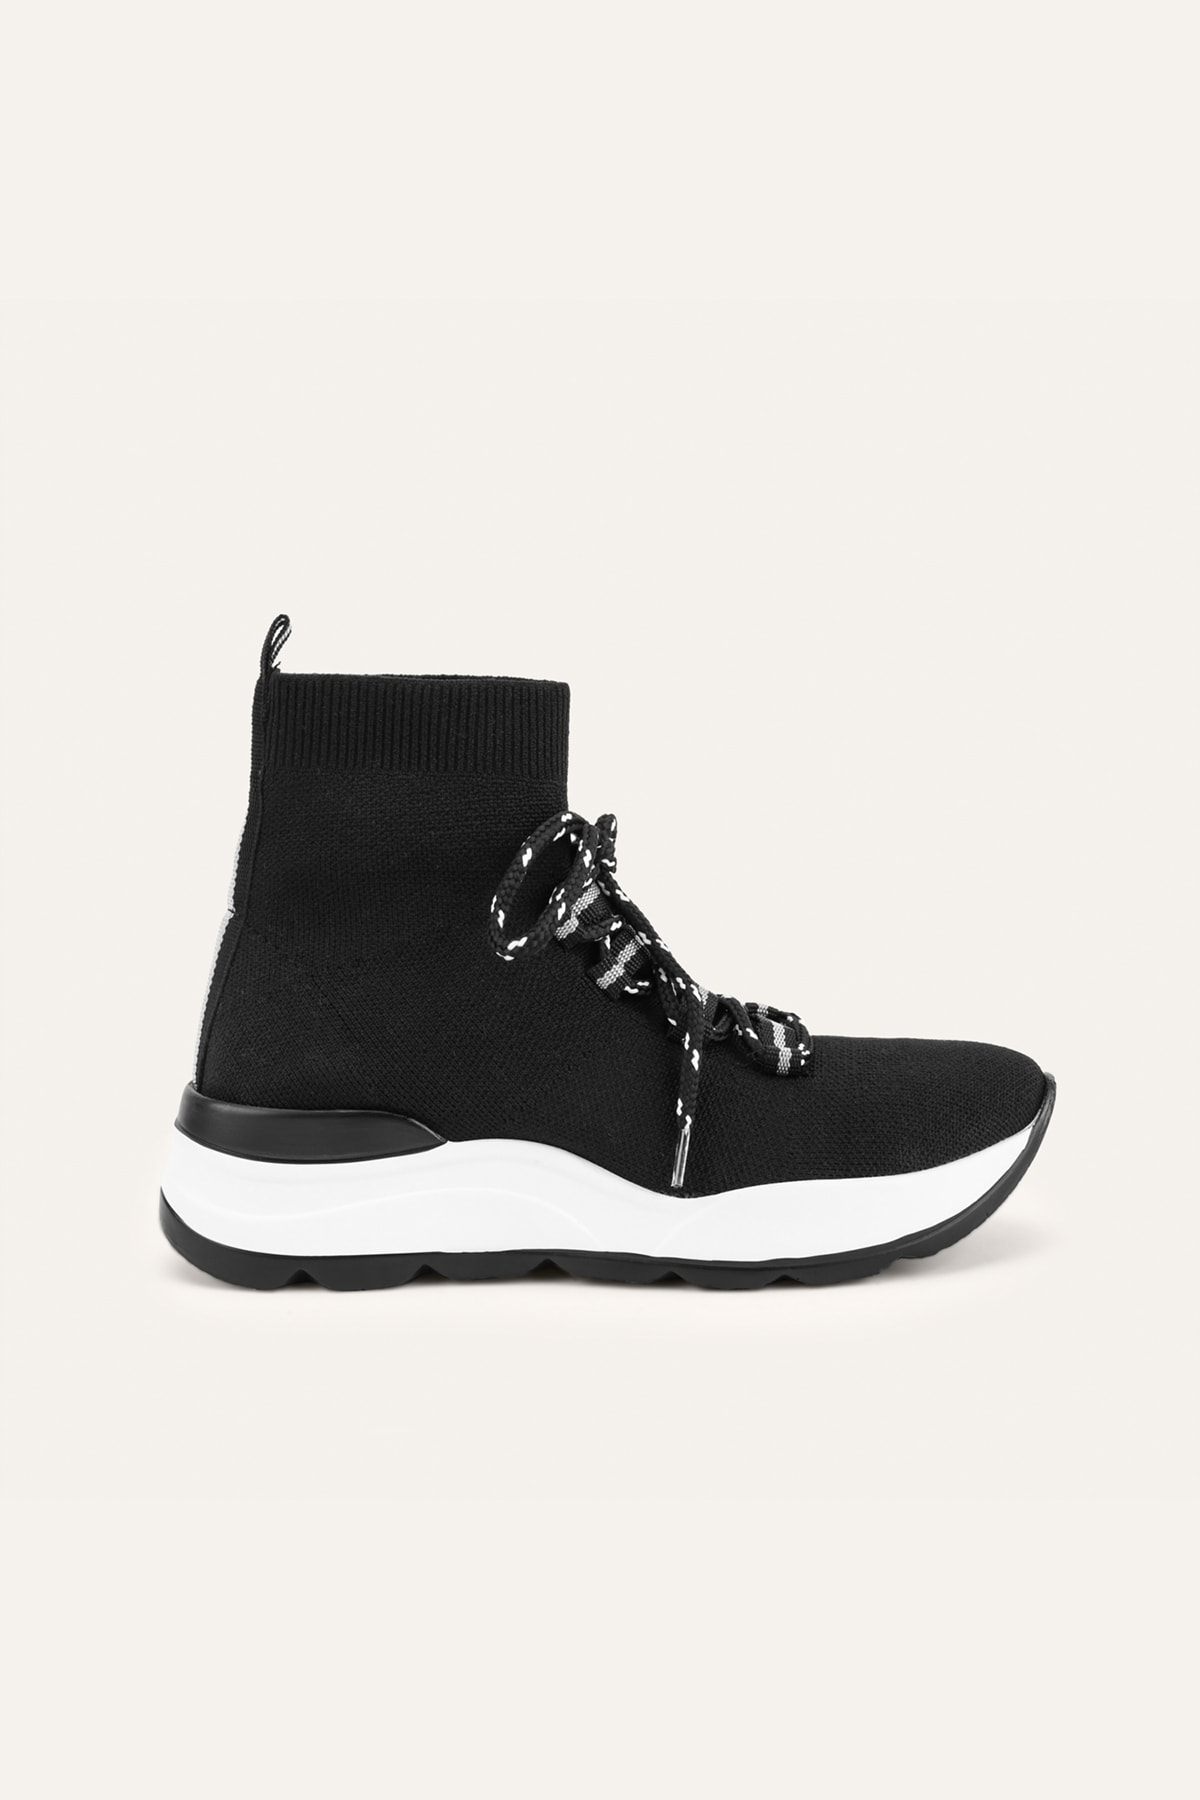 Mudo Kadın Siyah Çorap Yüksek Bilekli Spor Ayakkabı 370854